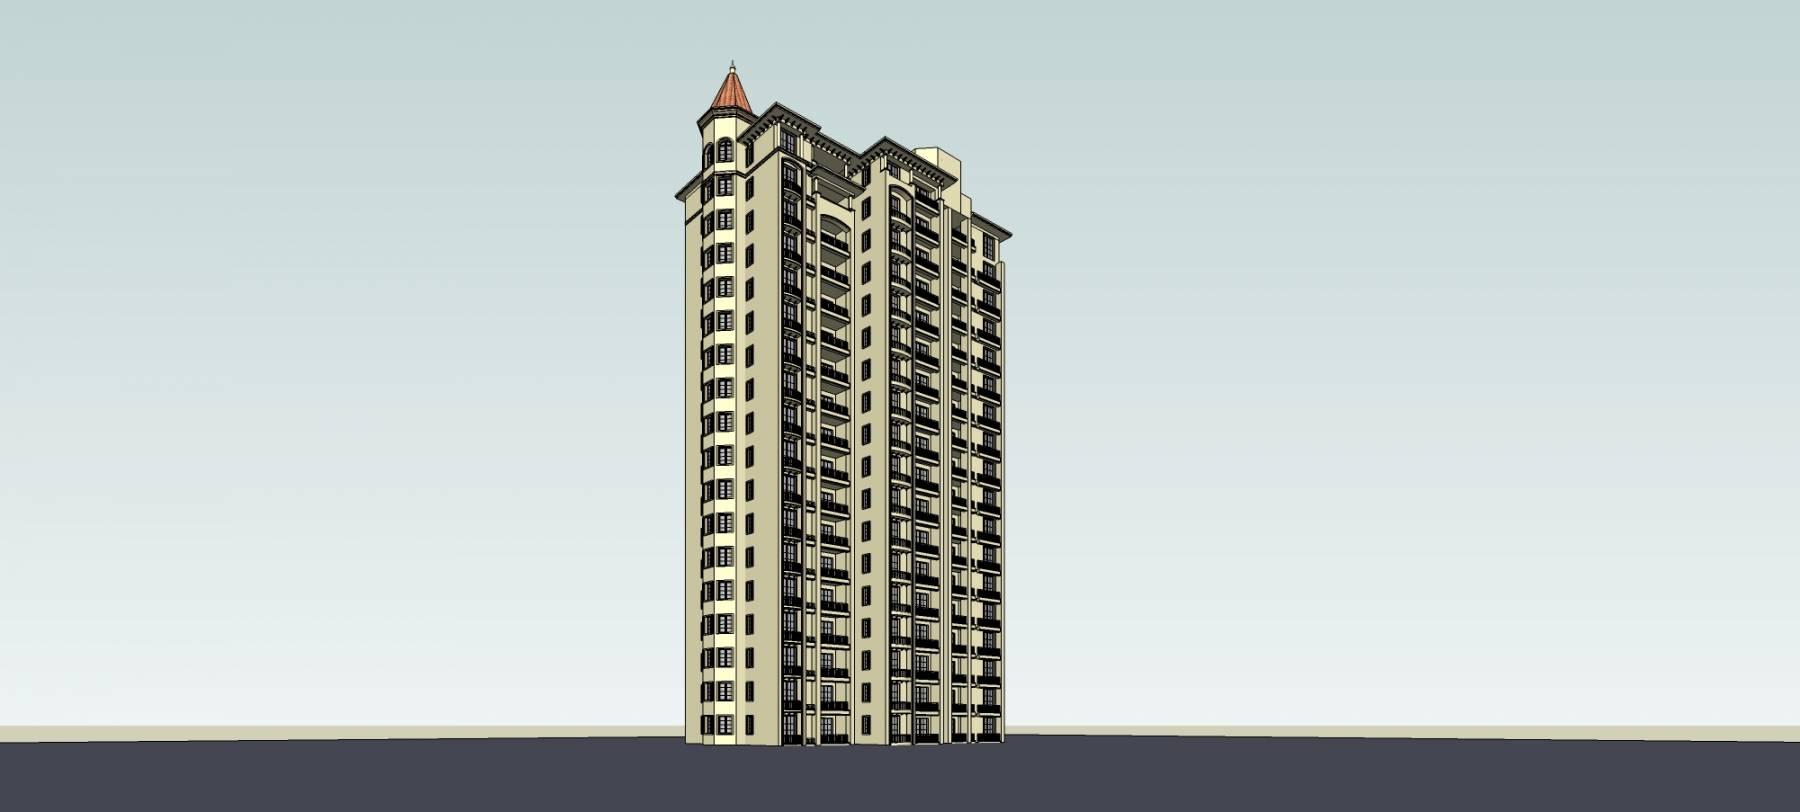 西班牙风格高层住宅楼